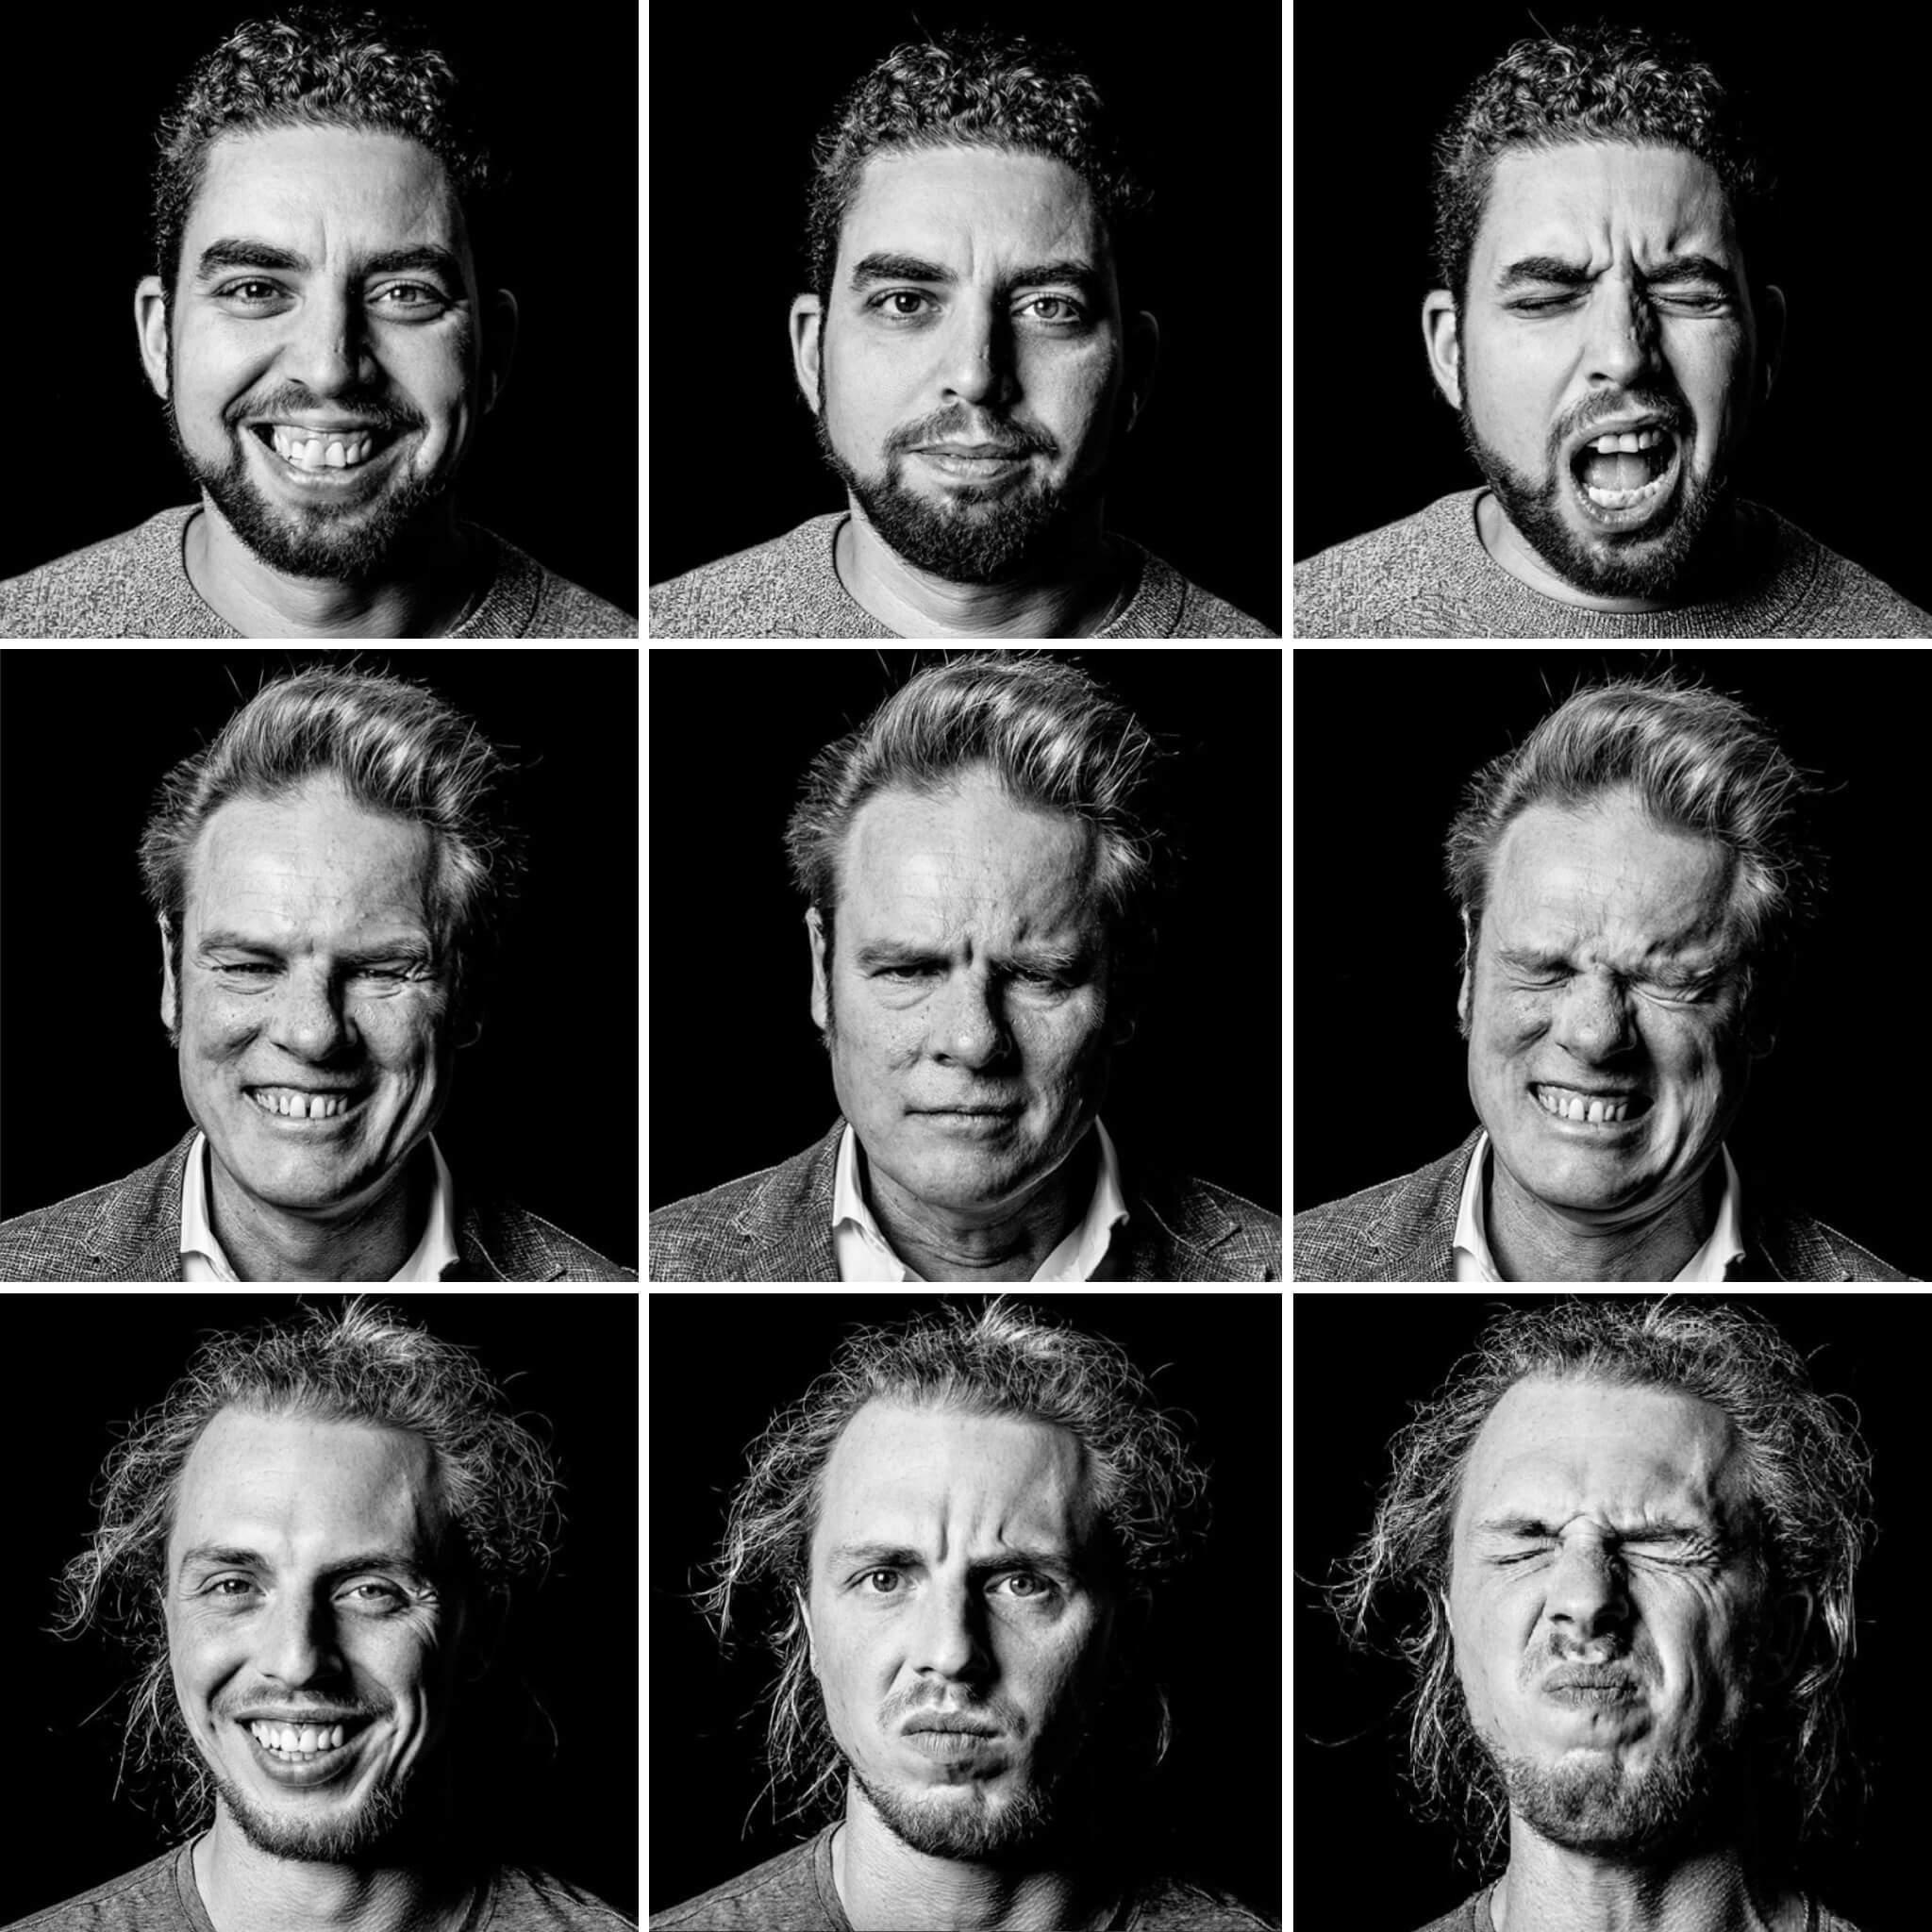 Fotocollage der Emotionen Freude, Wut und Schmerz als Teil des Kunstprojekts manyFACES von Christoph Borek.